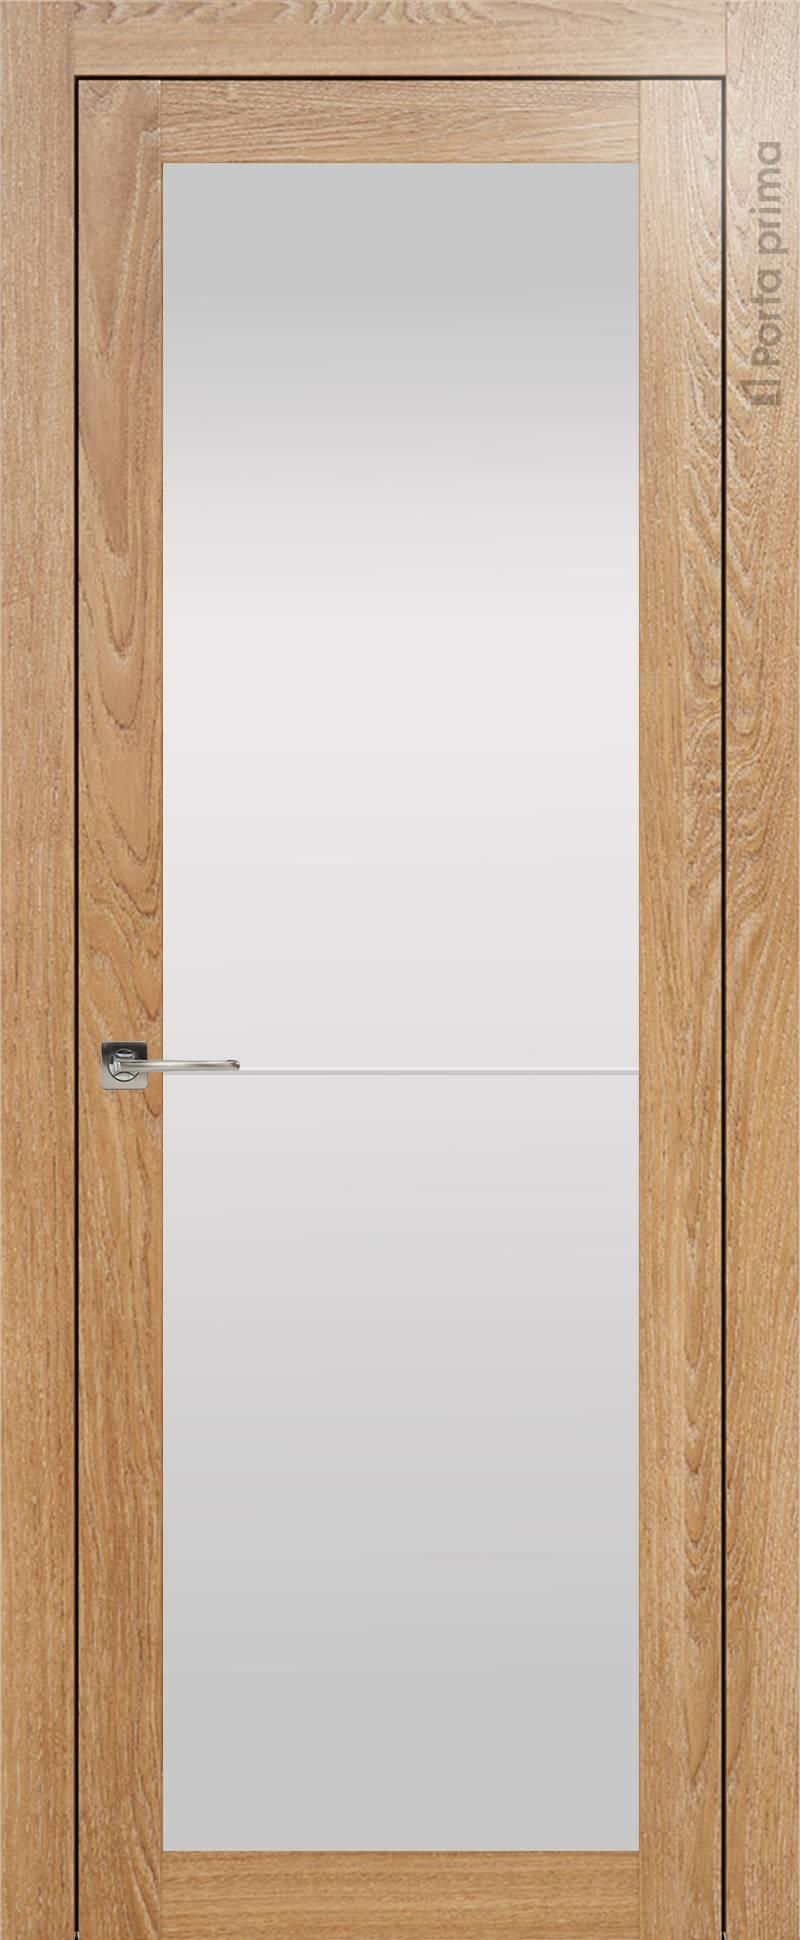 Tivoli З-2 цвет - Дуб капучино Со стеклом (ДО)